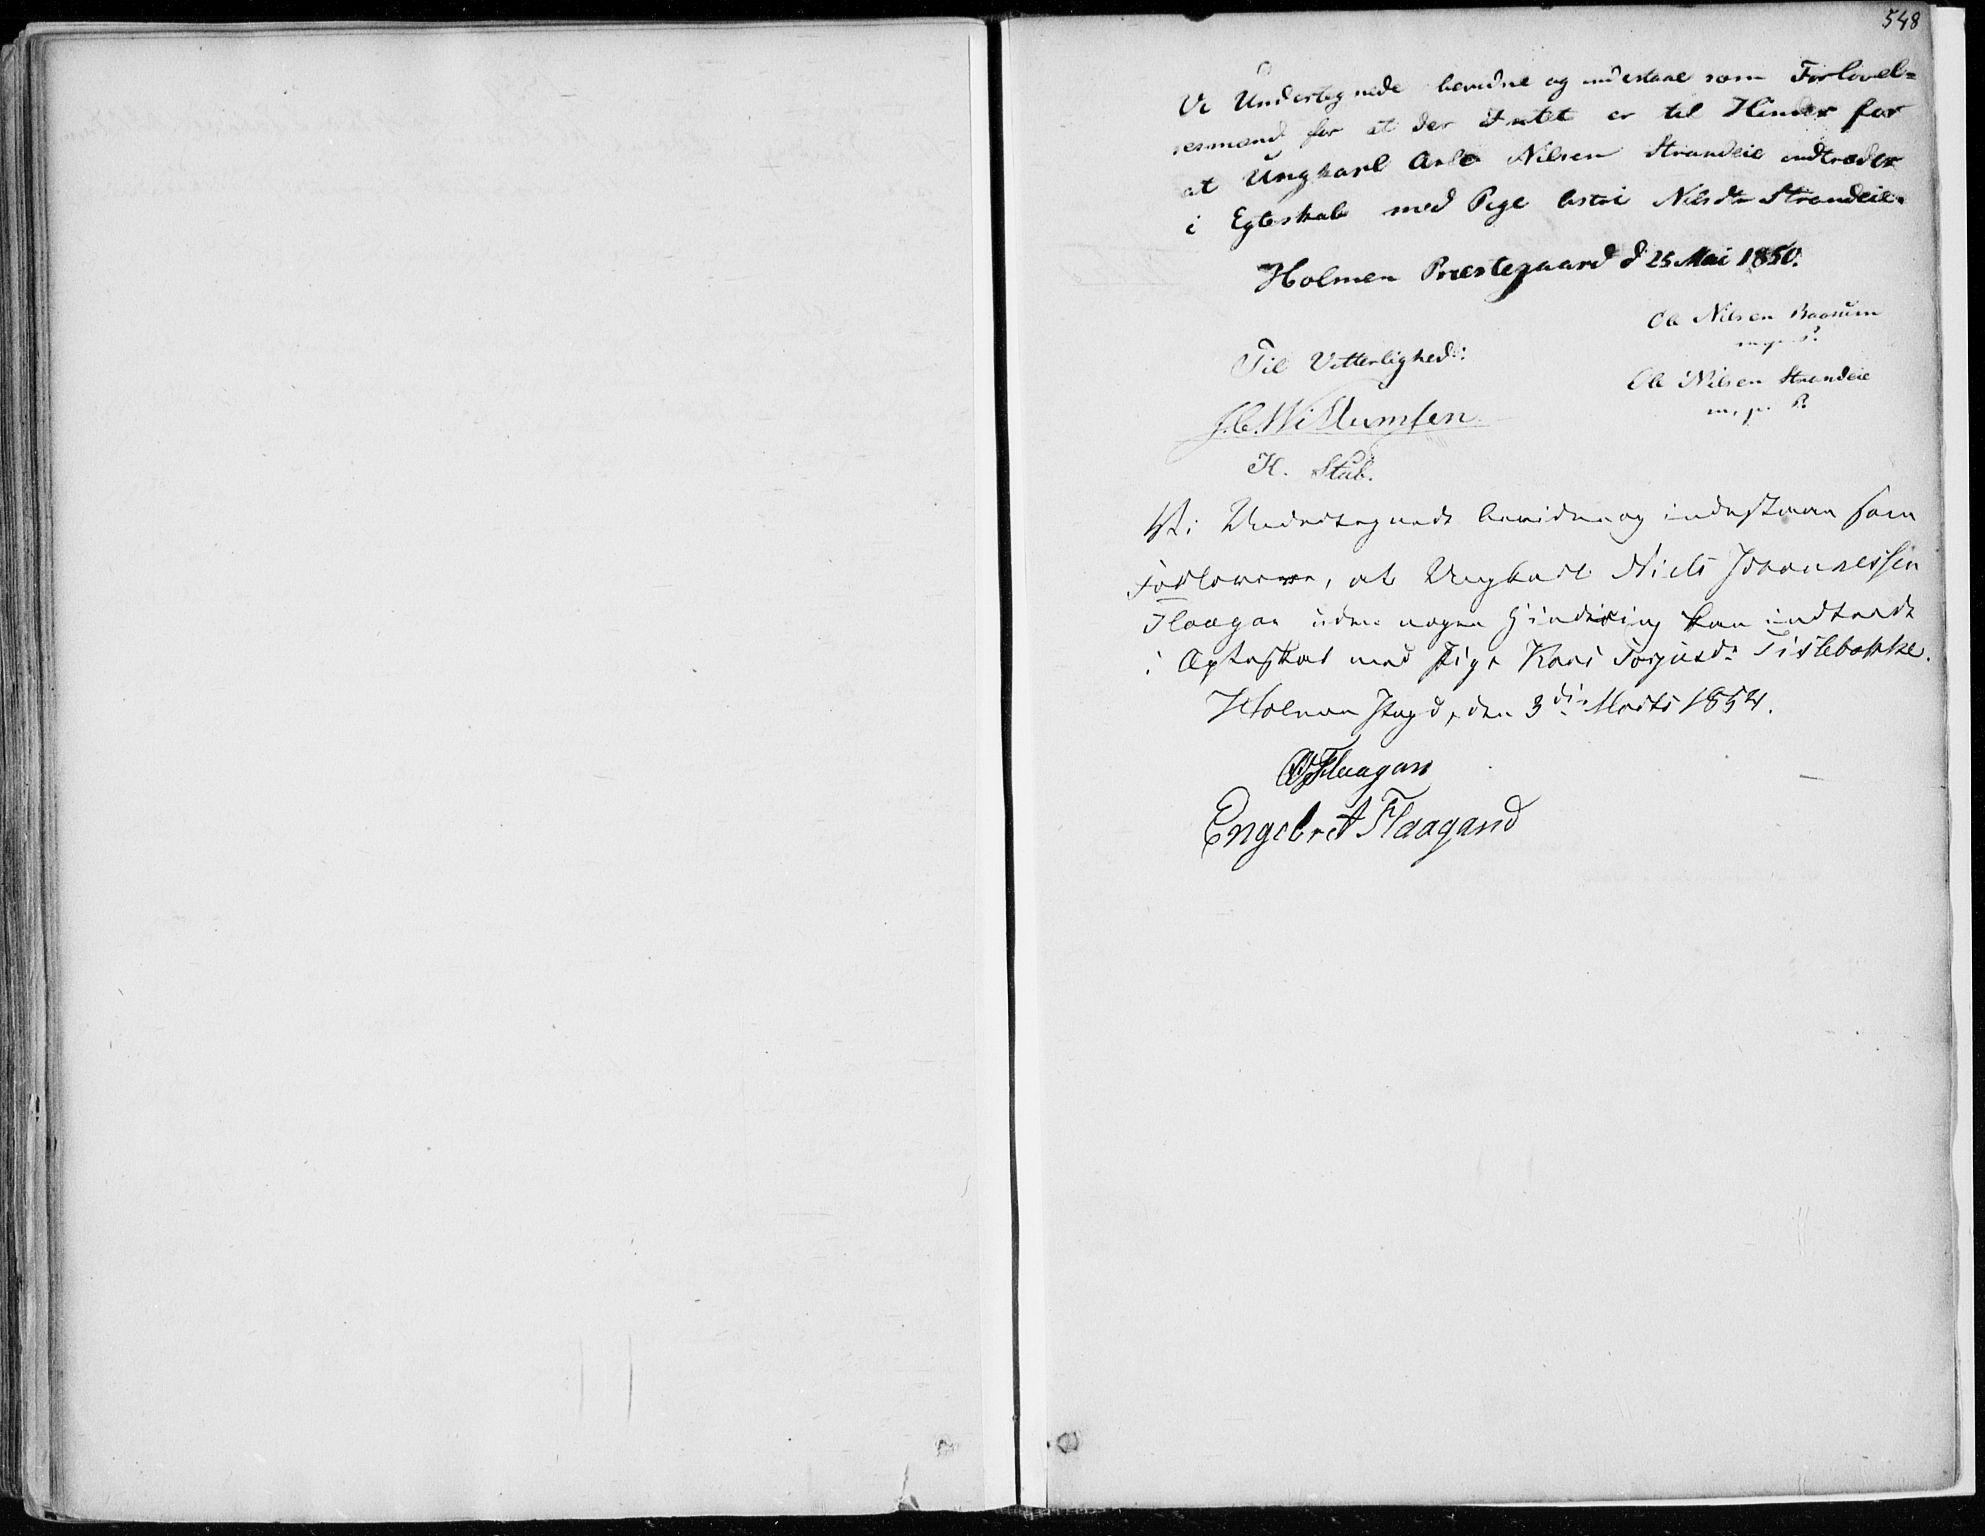 SAKO, Sigdal kirkebøker, F/Fa/L0008: Ministerialbok nr. I 8, 1850-1859, s. 548